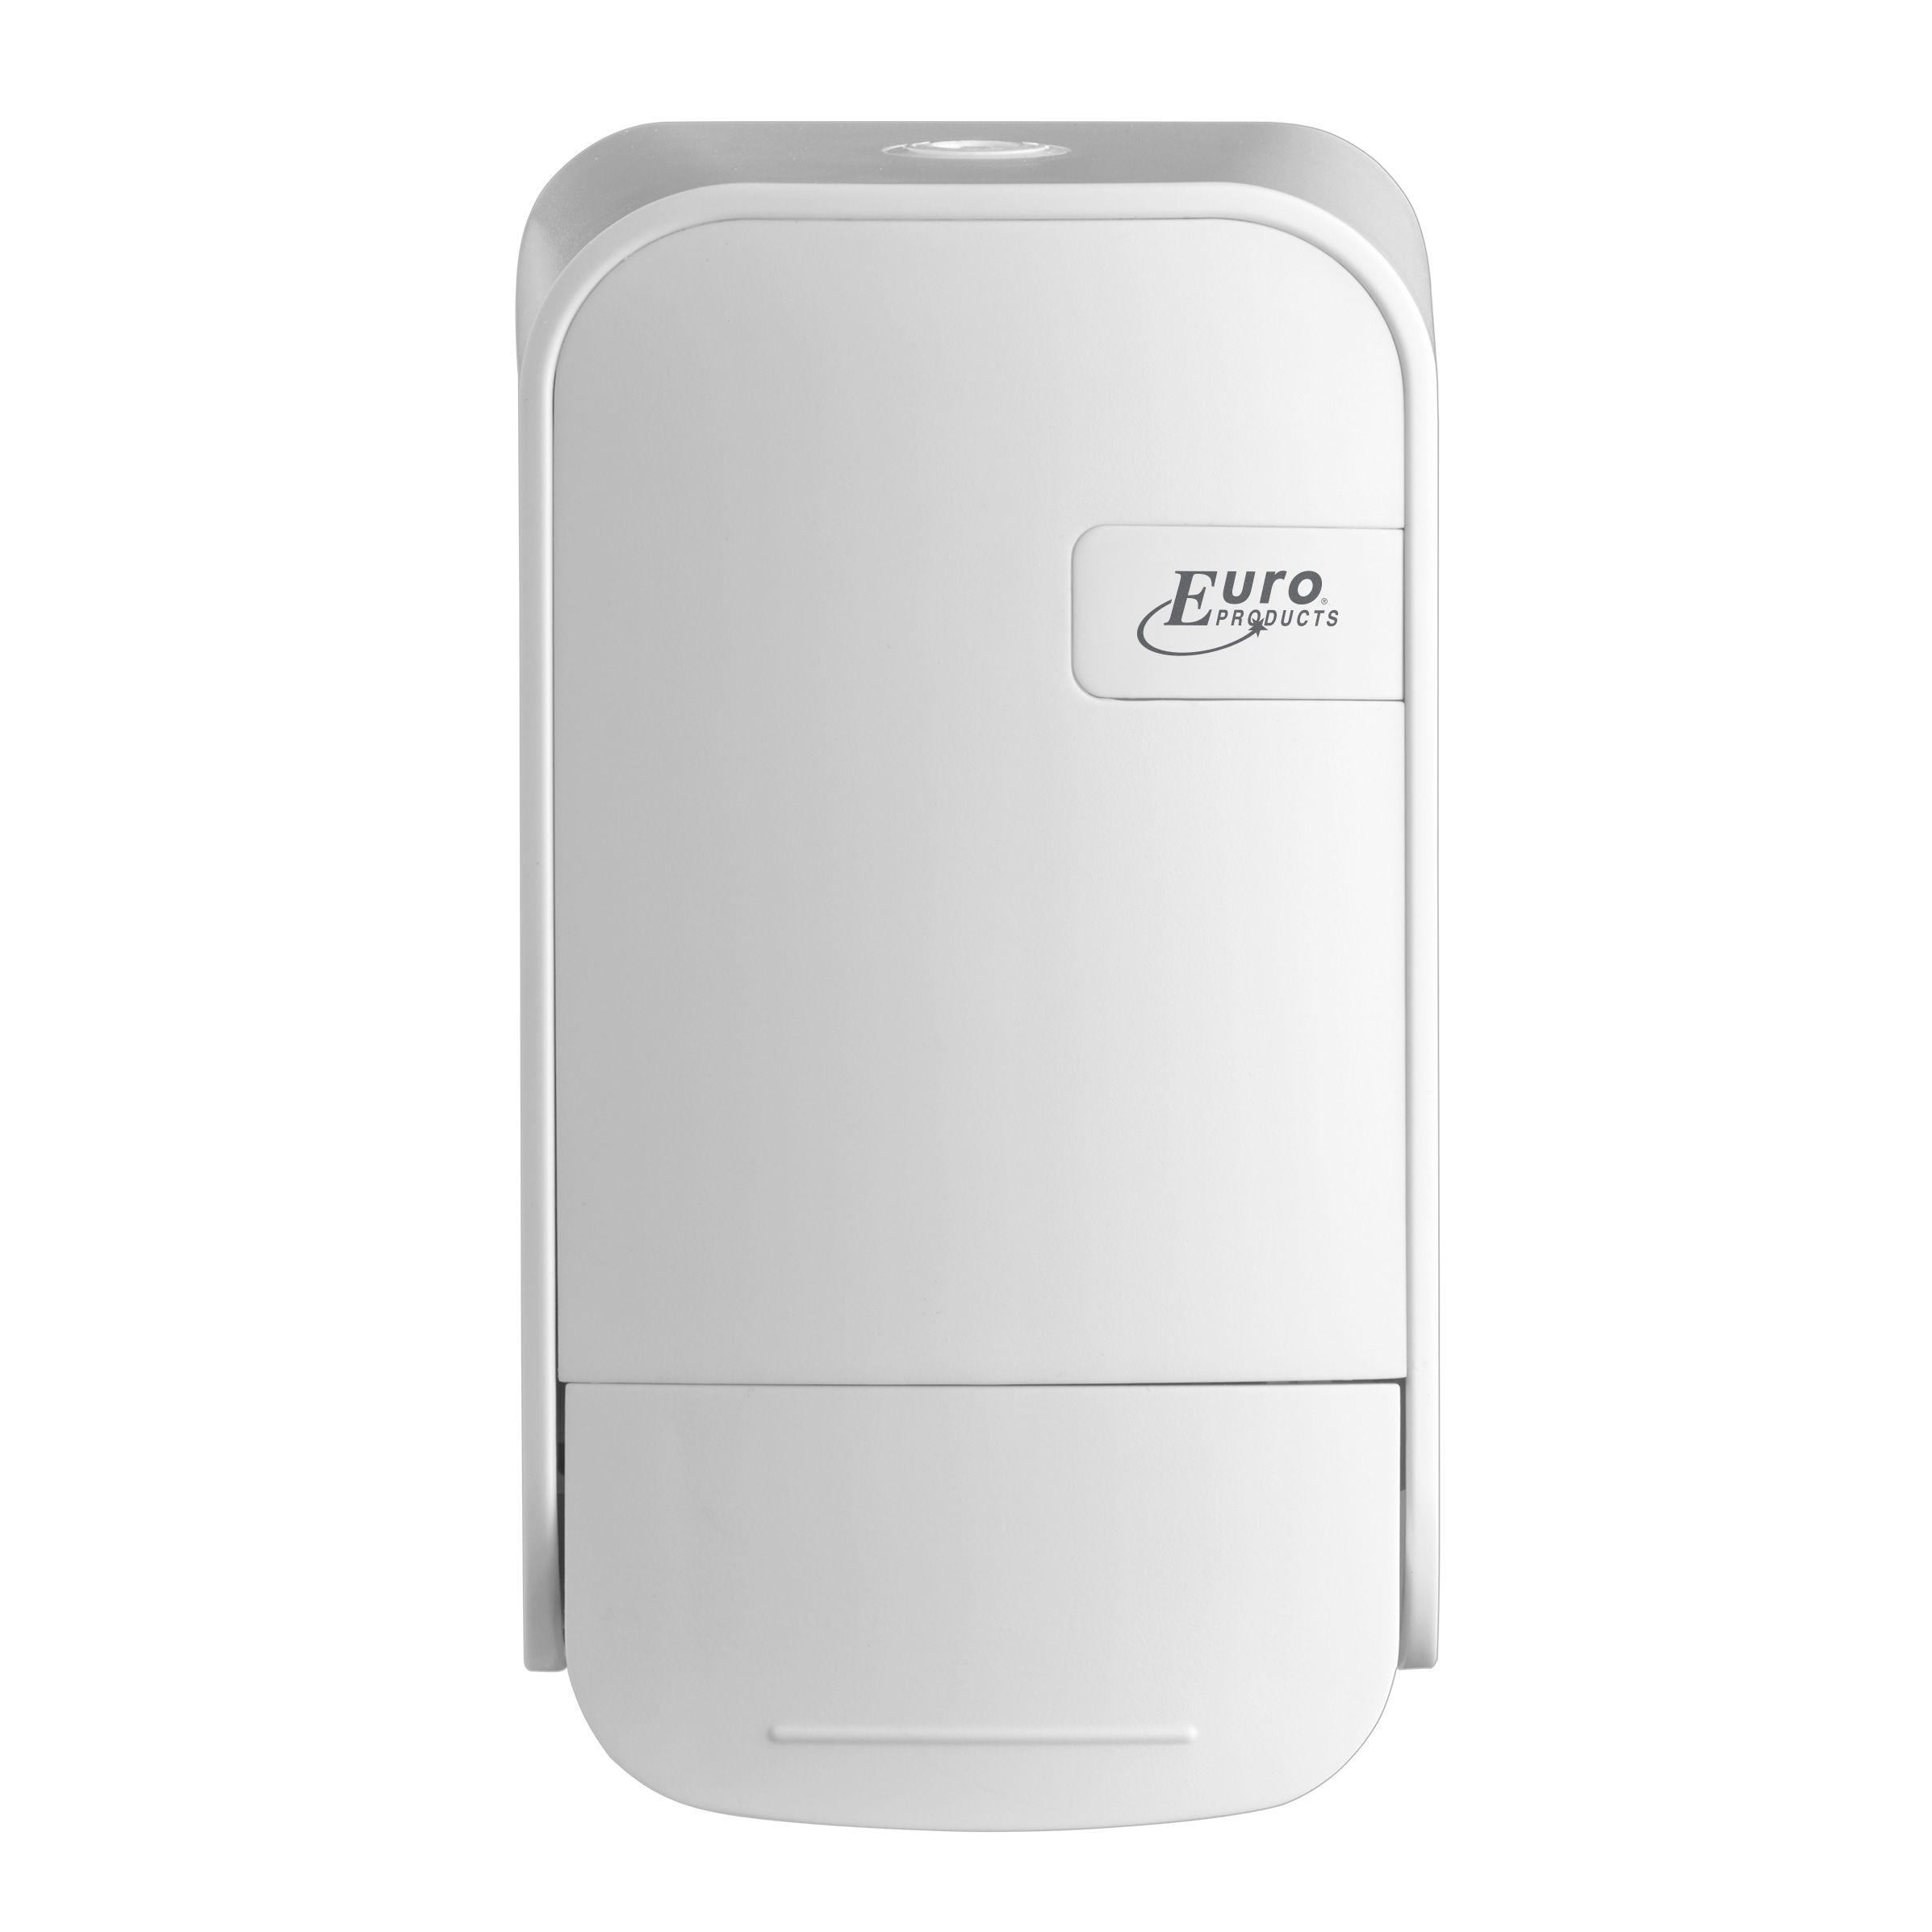 Quartz White 441601 Foam Dispenser 400ml (441601)